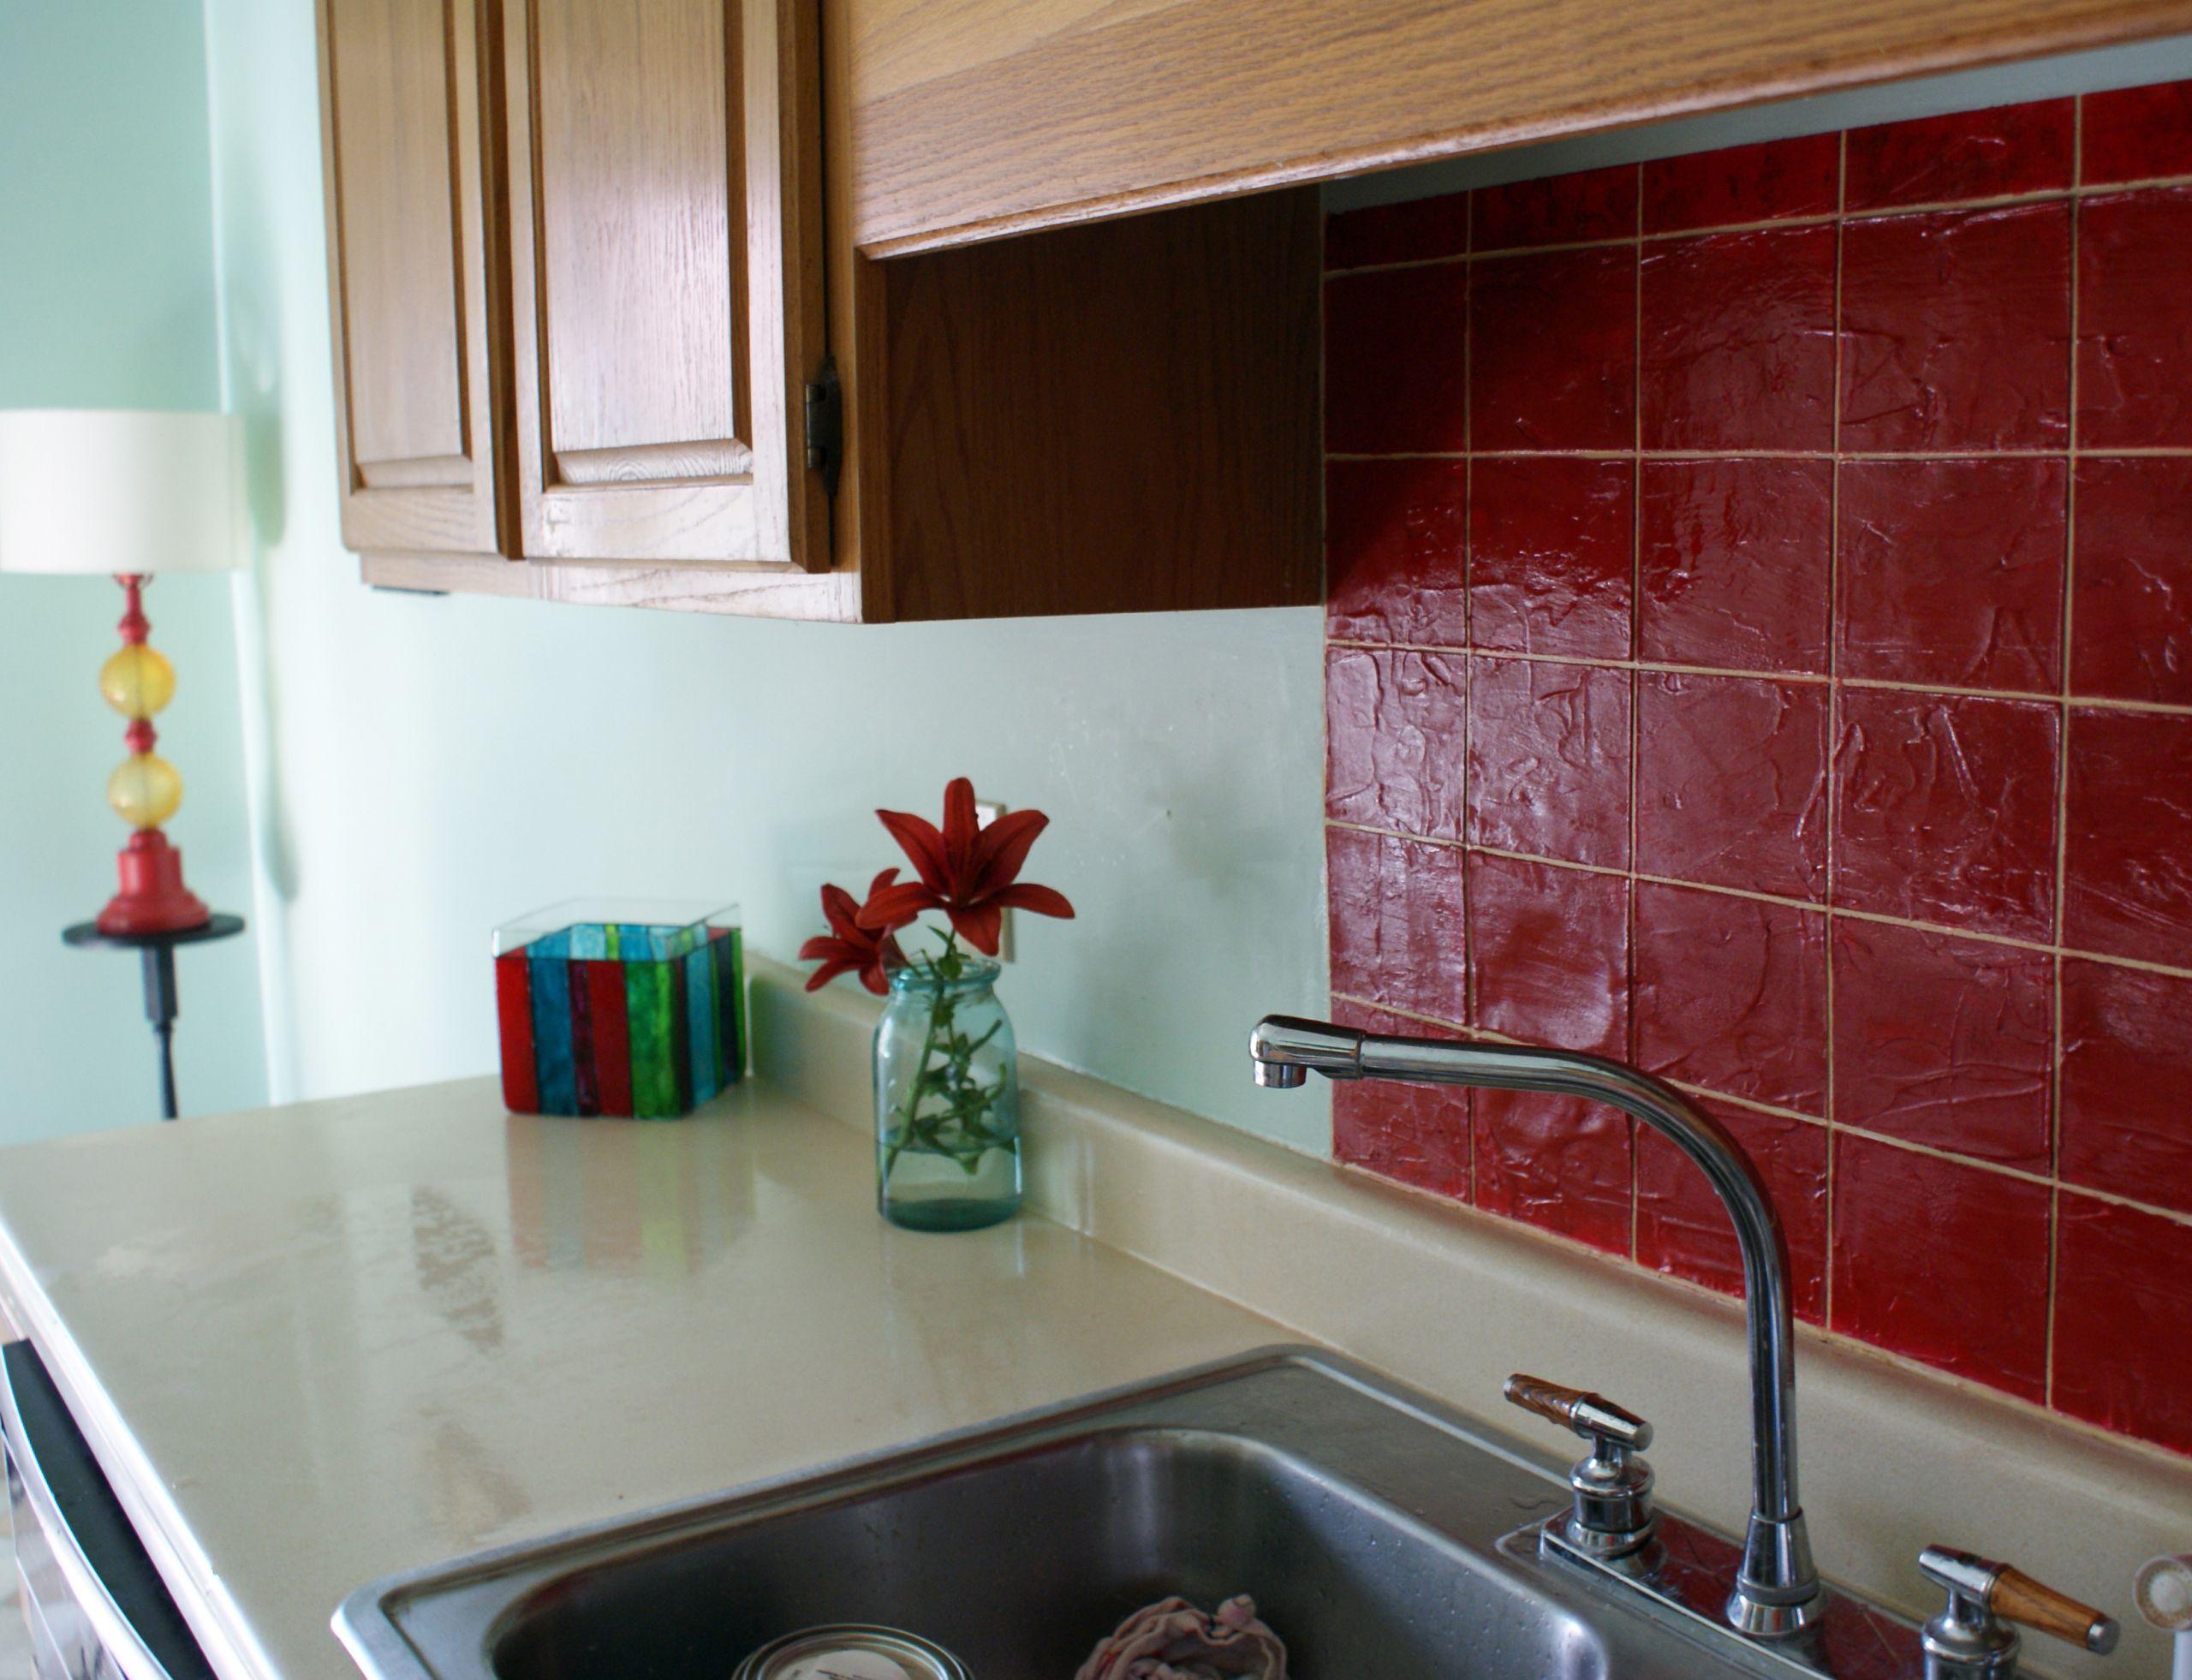 Tile Backsplash Kitchen  Faux Tile Kitchen Backsplash